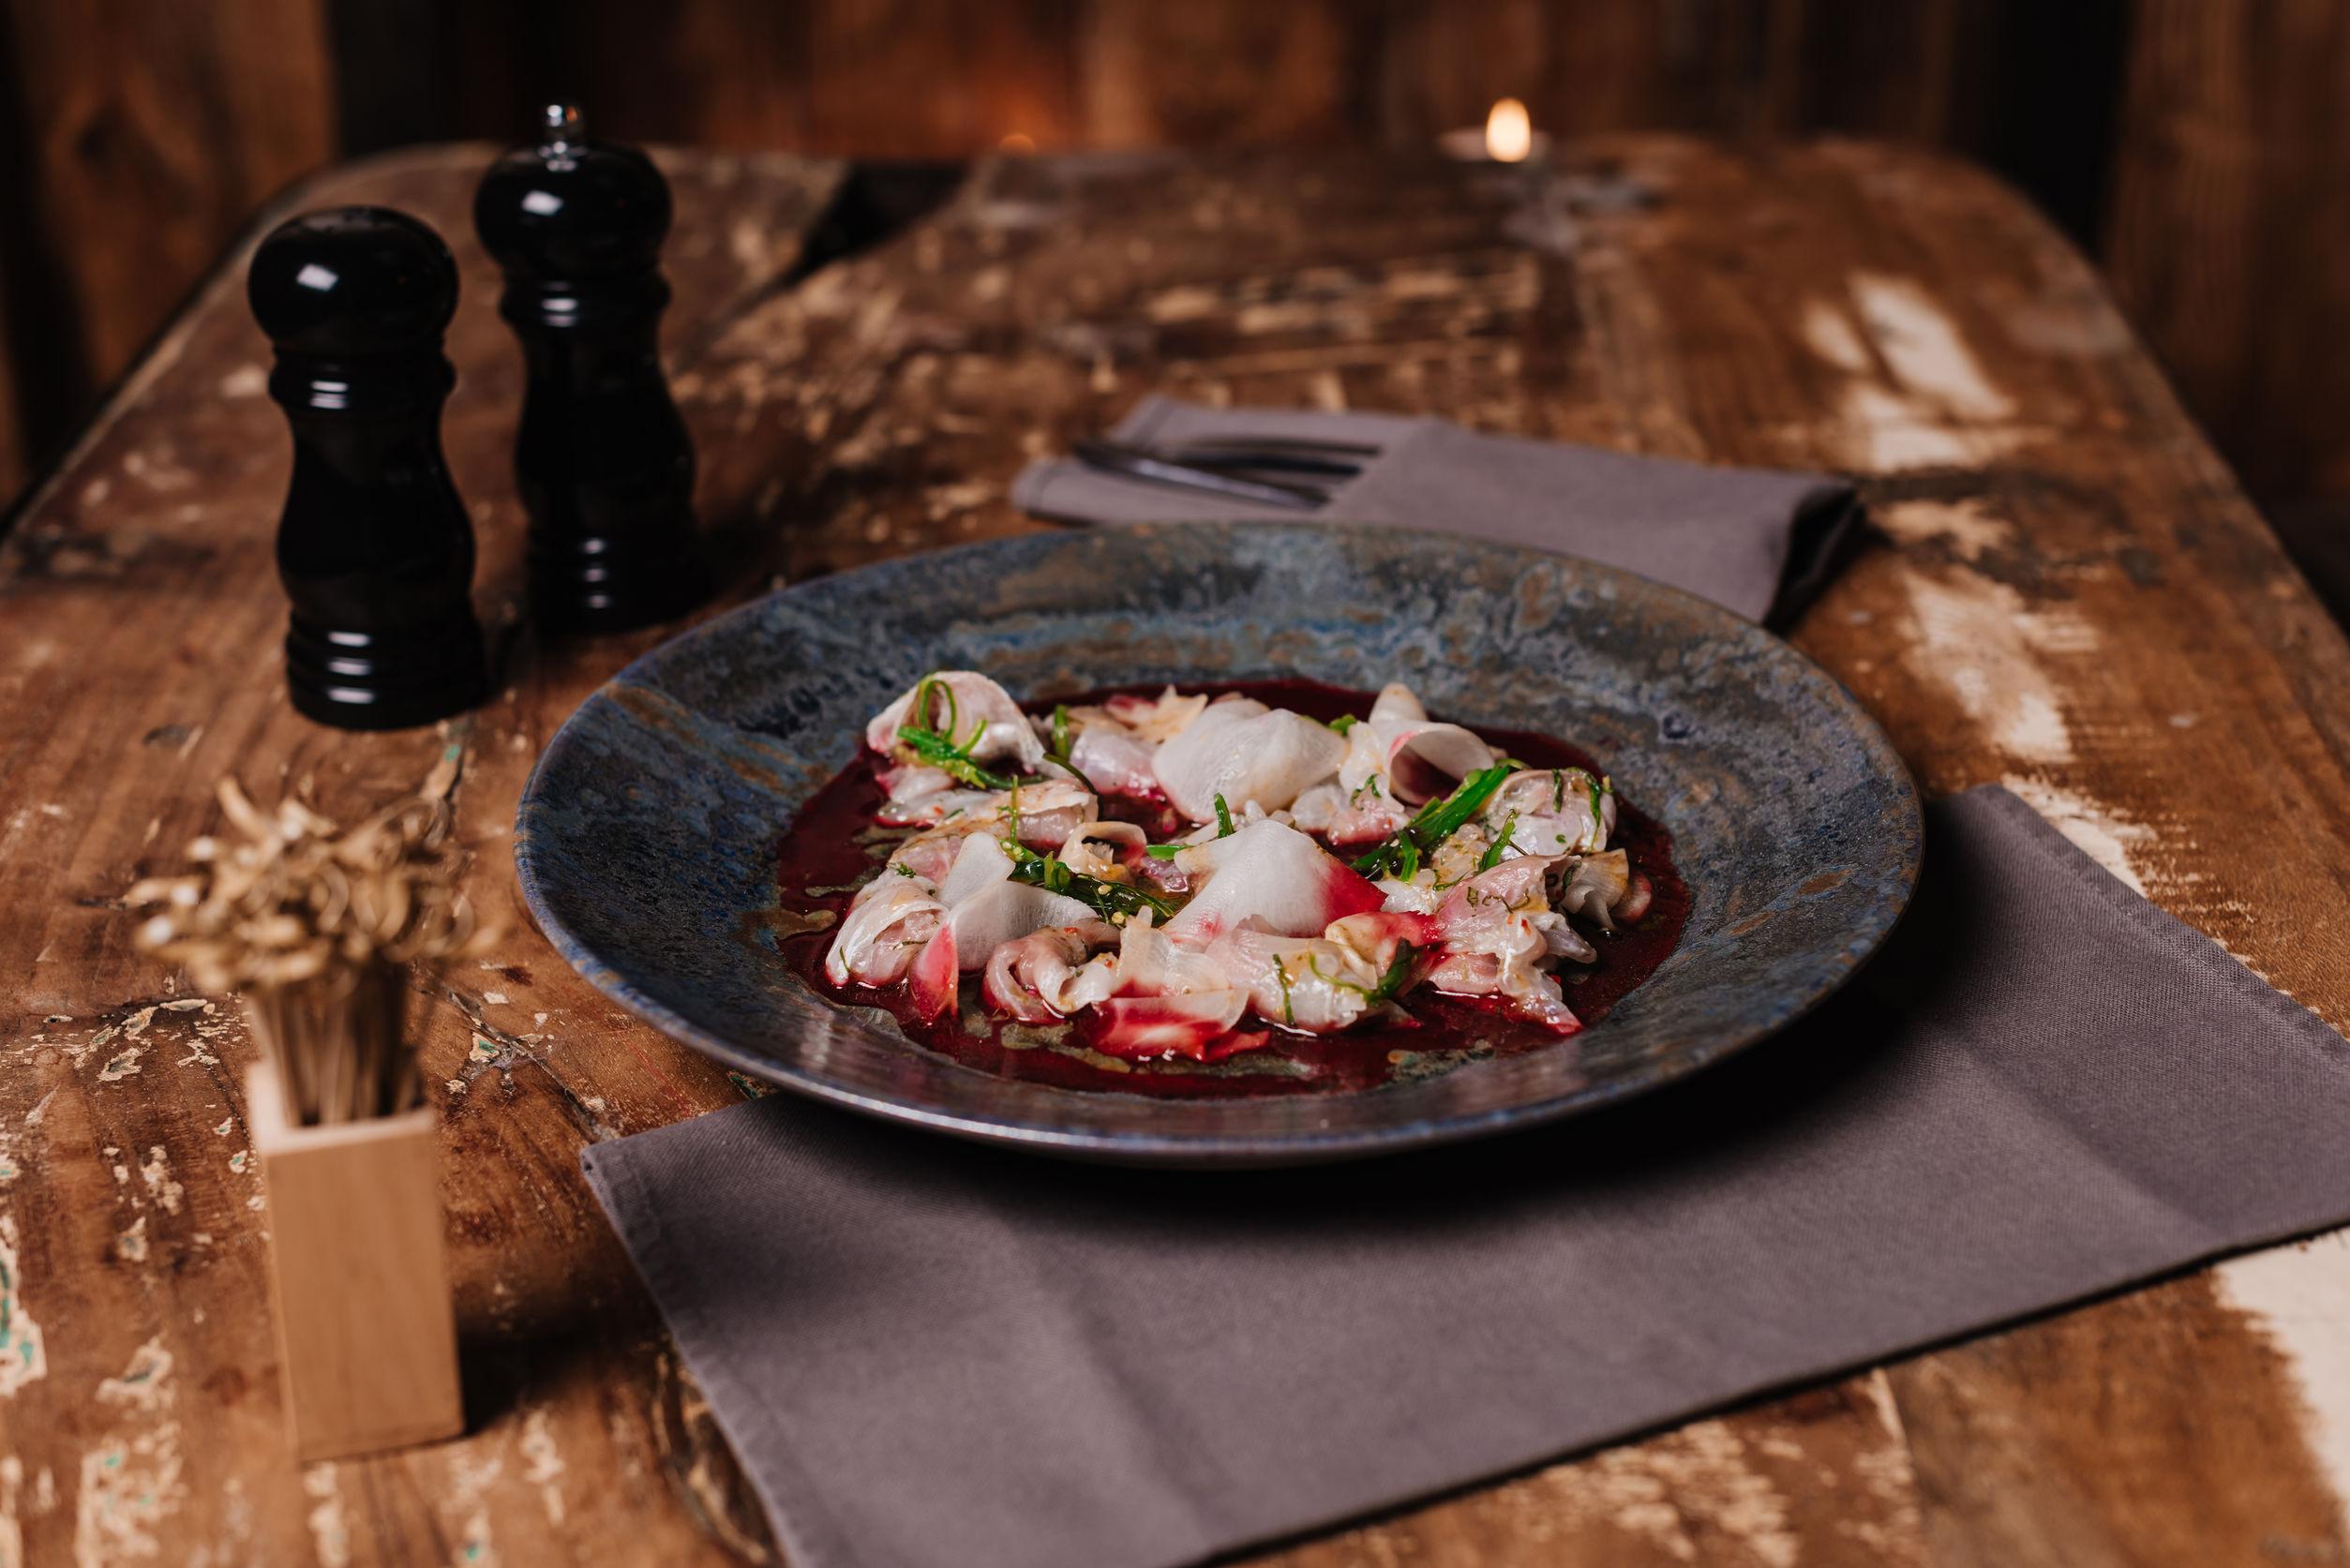 Высокая кухня к Шавуоту от шеф-повара итальянского ресторана